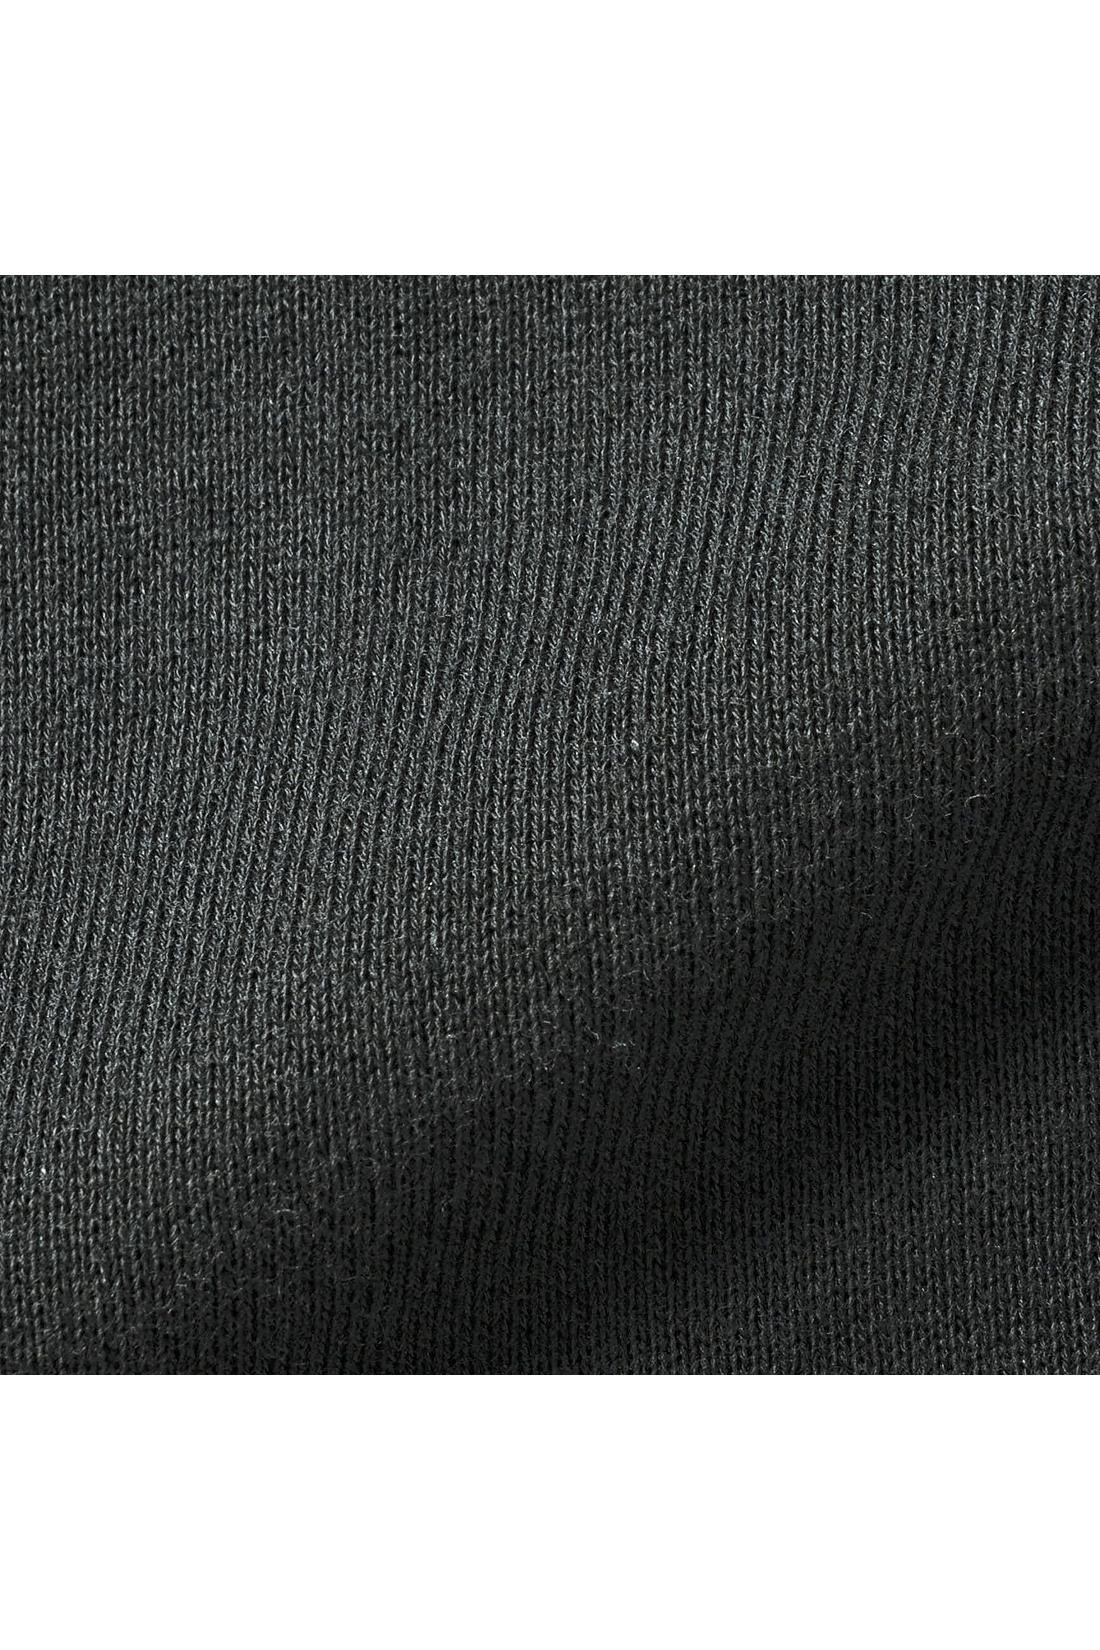 厚すぎず薄すぎない綿100%の生地を使用。